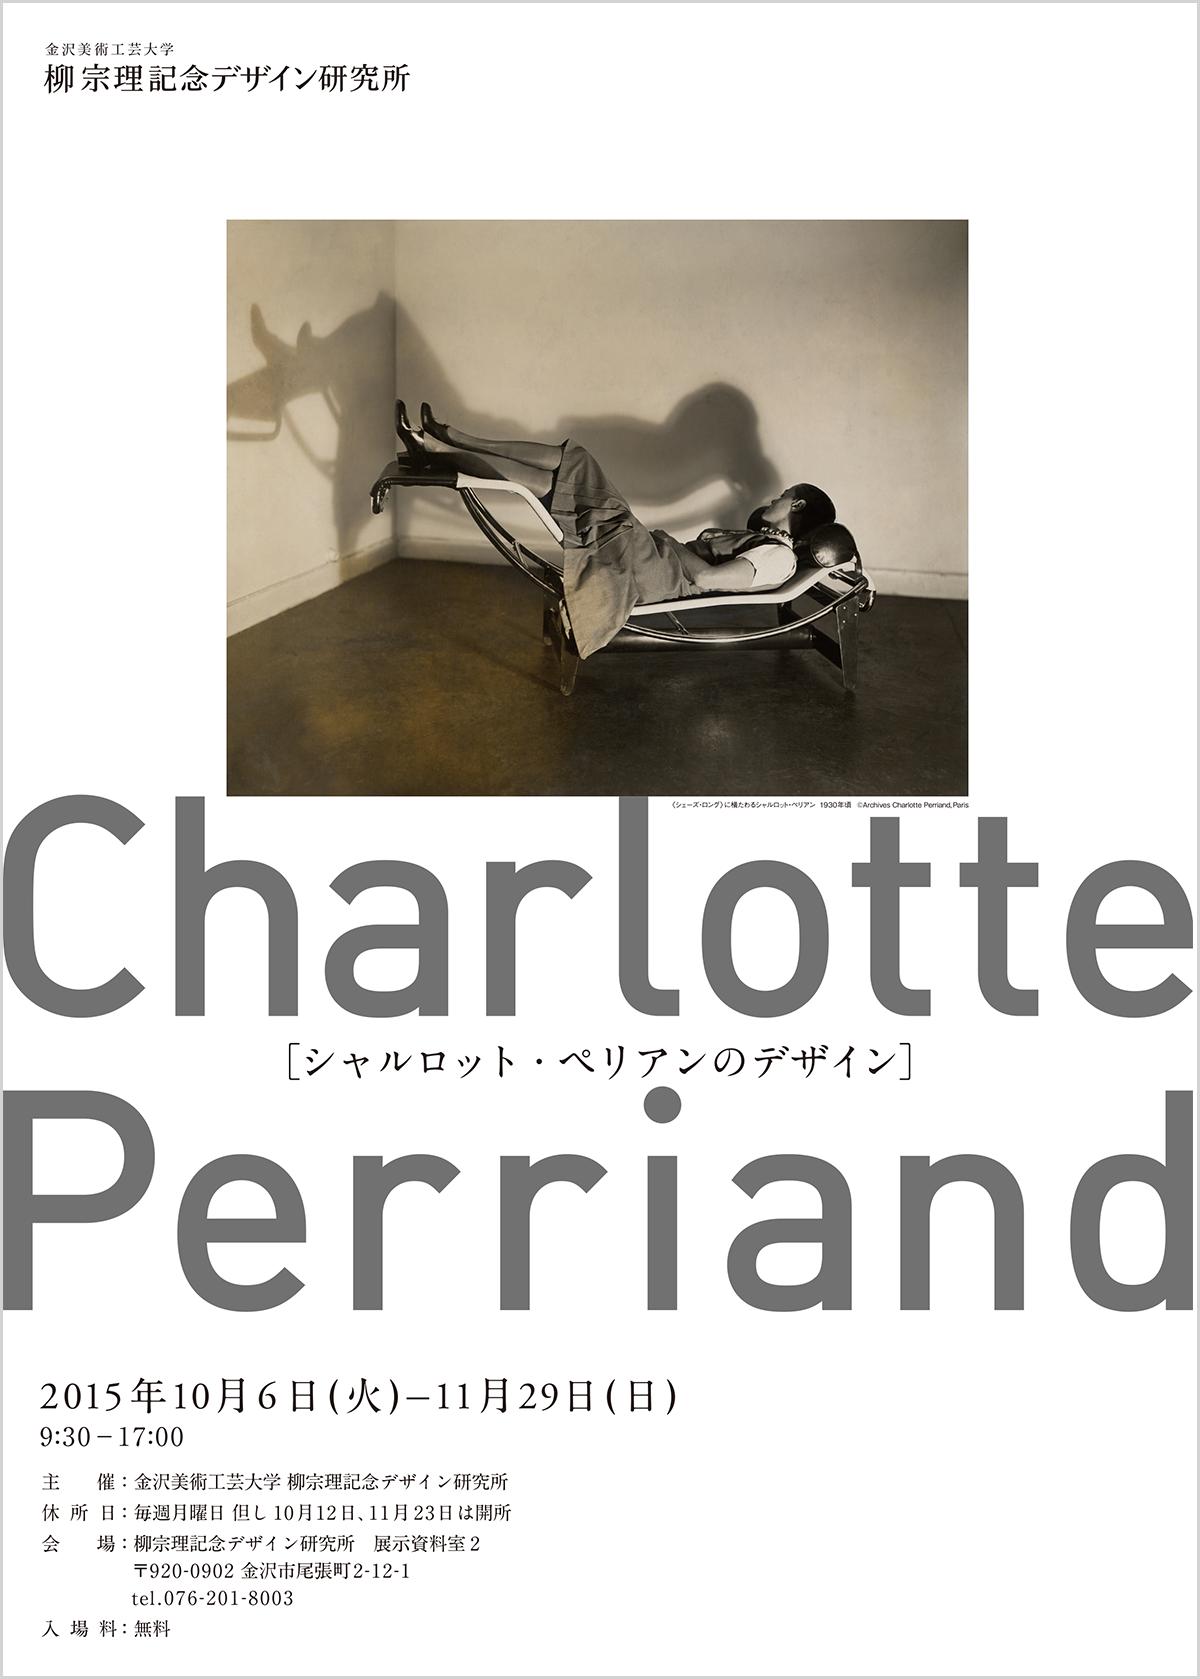 シャルロット・ペリアン展ポスター